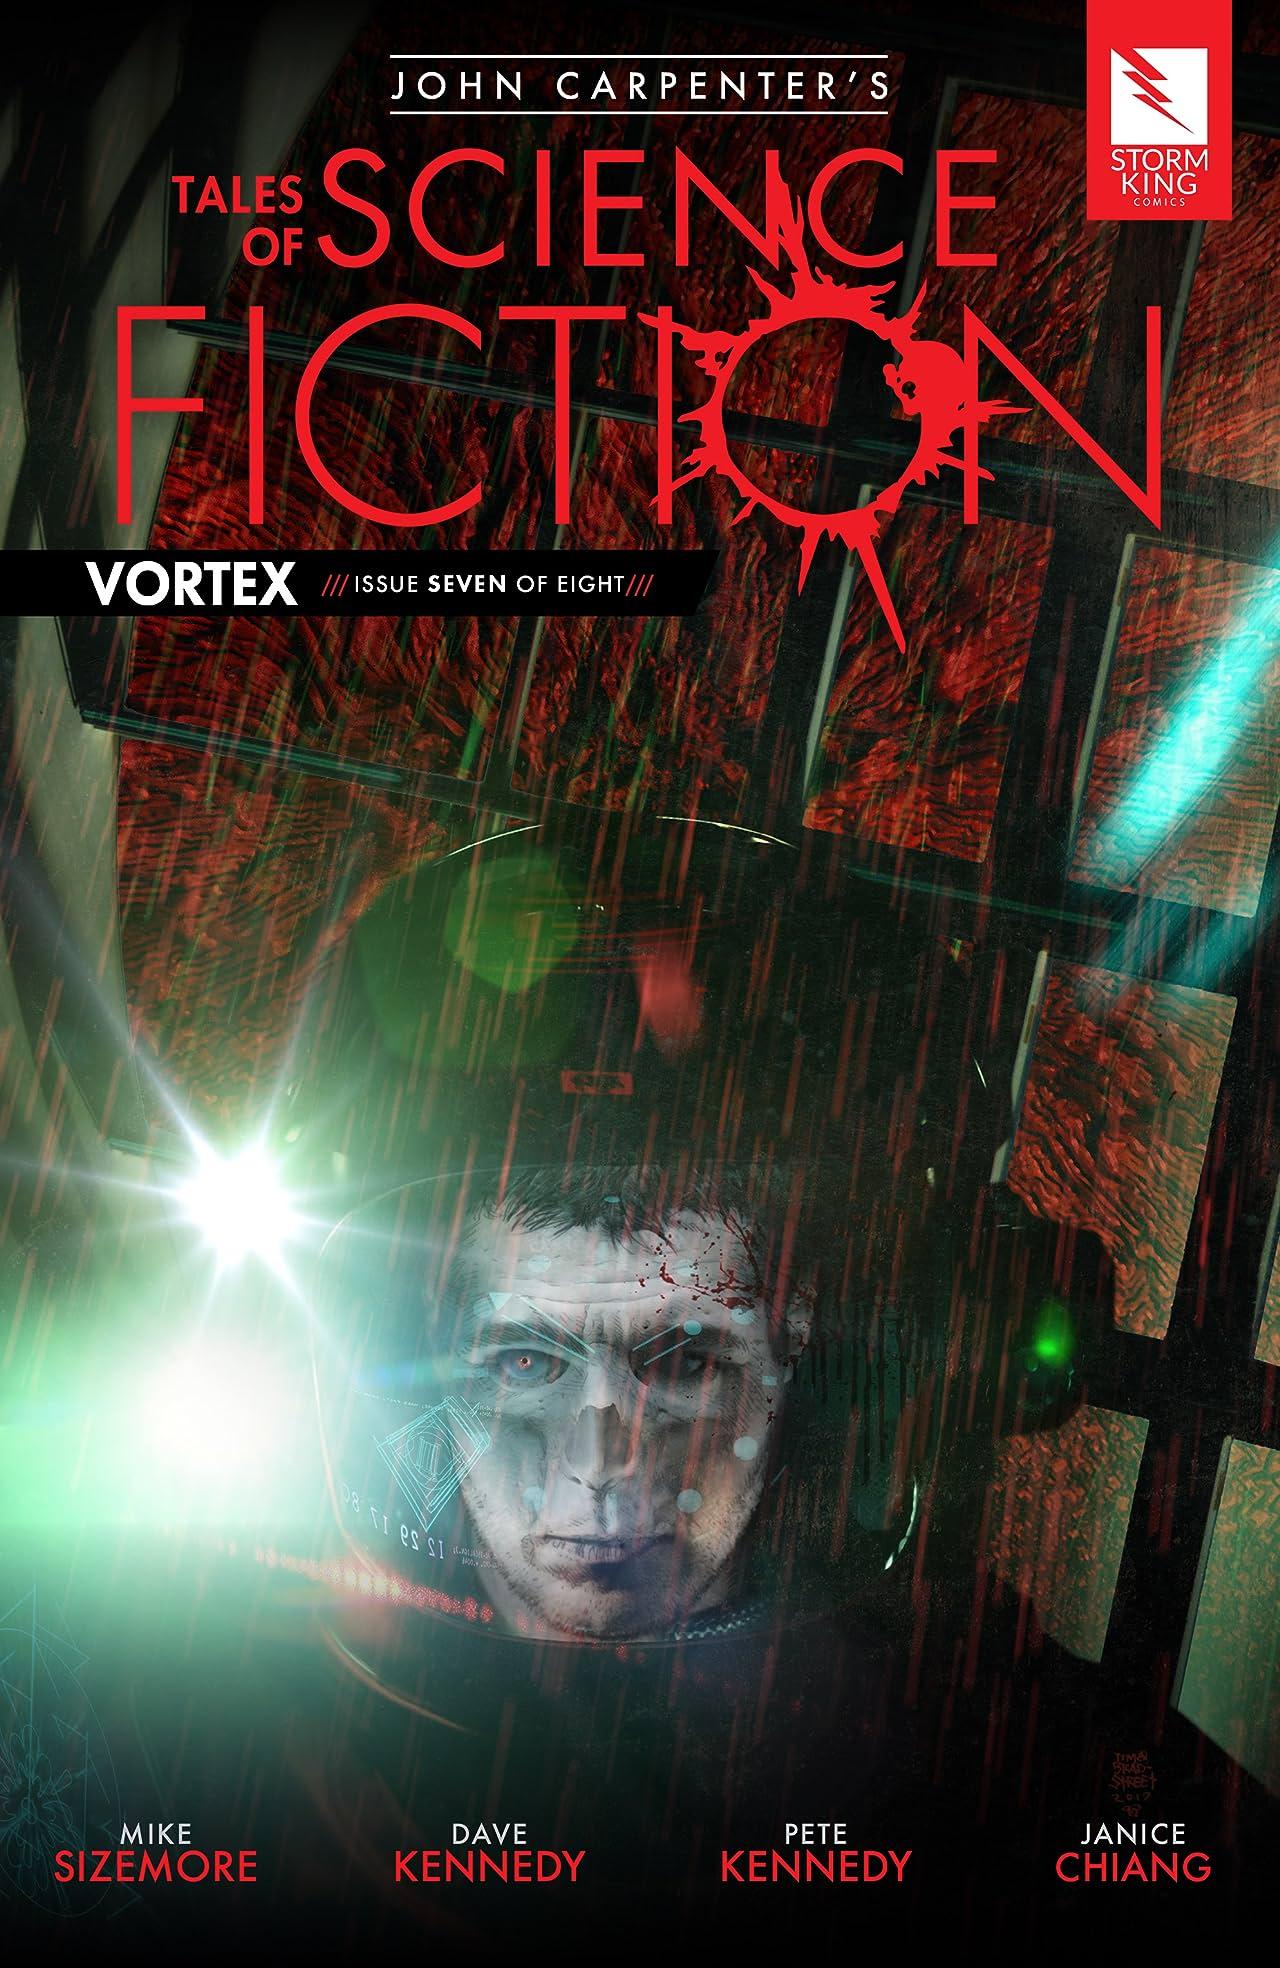 Vortex #7